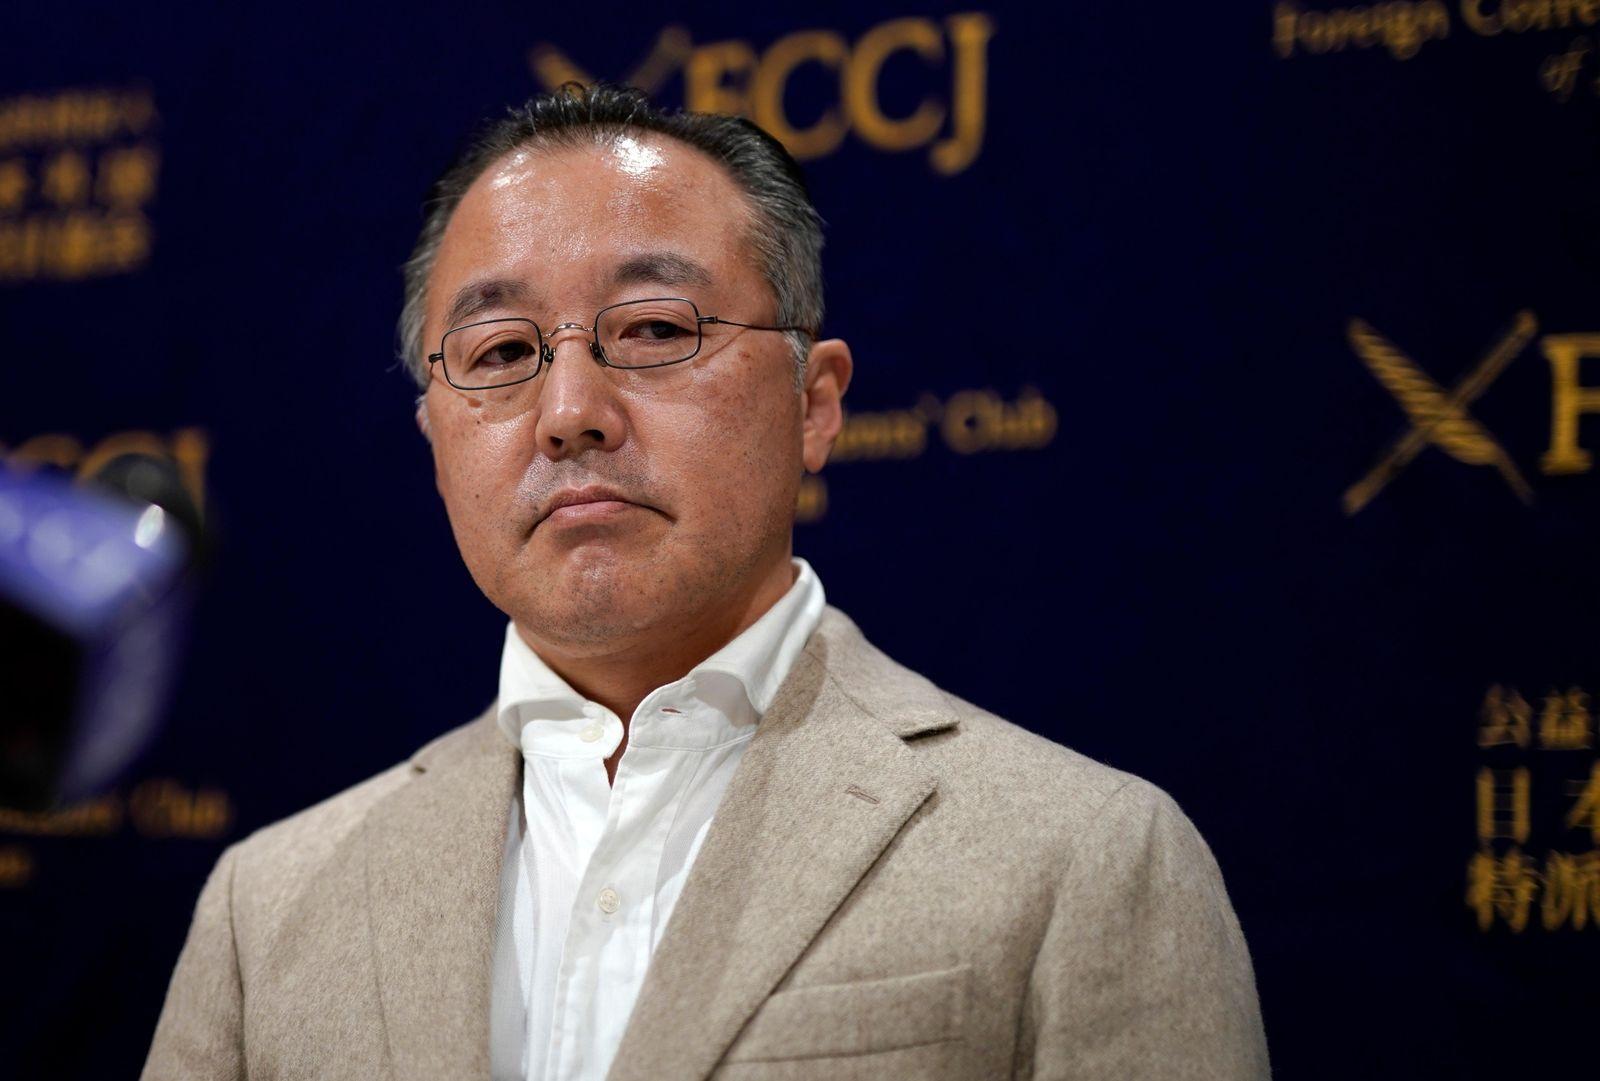 Noriyuki Yamaguchi